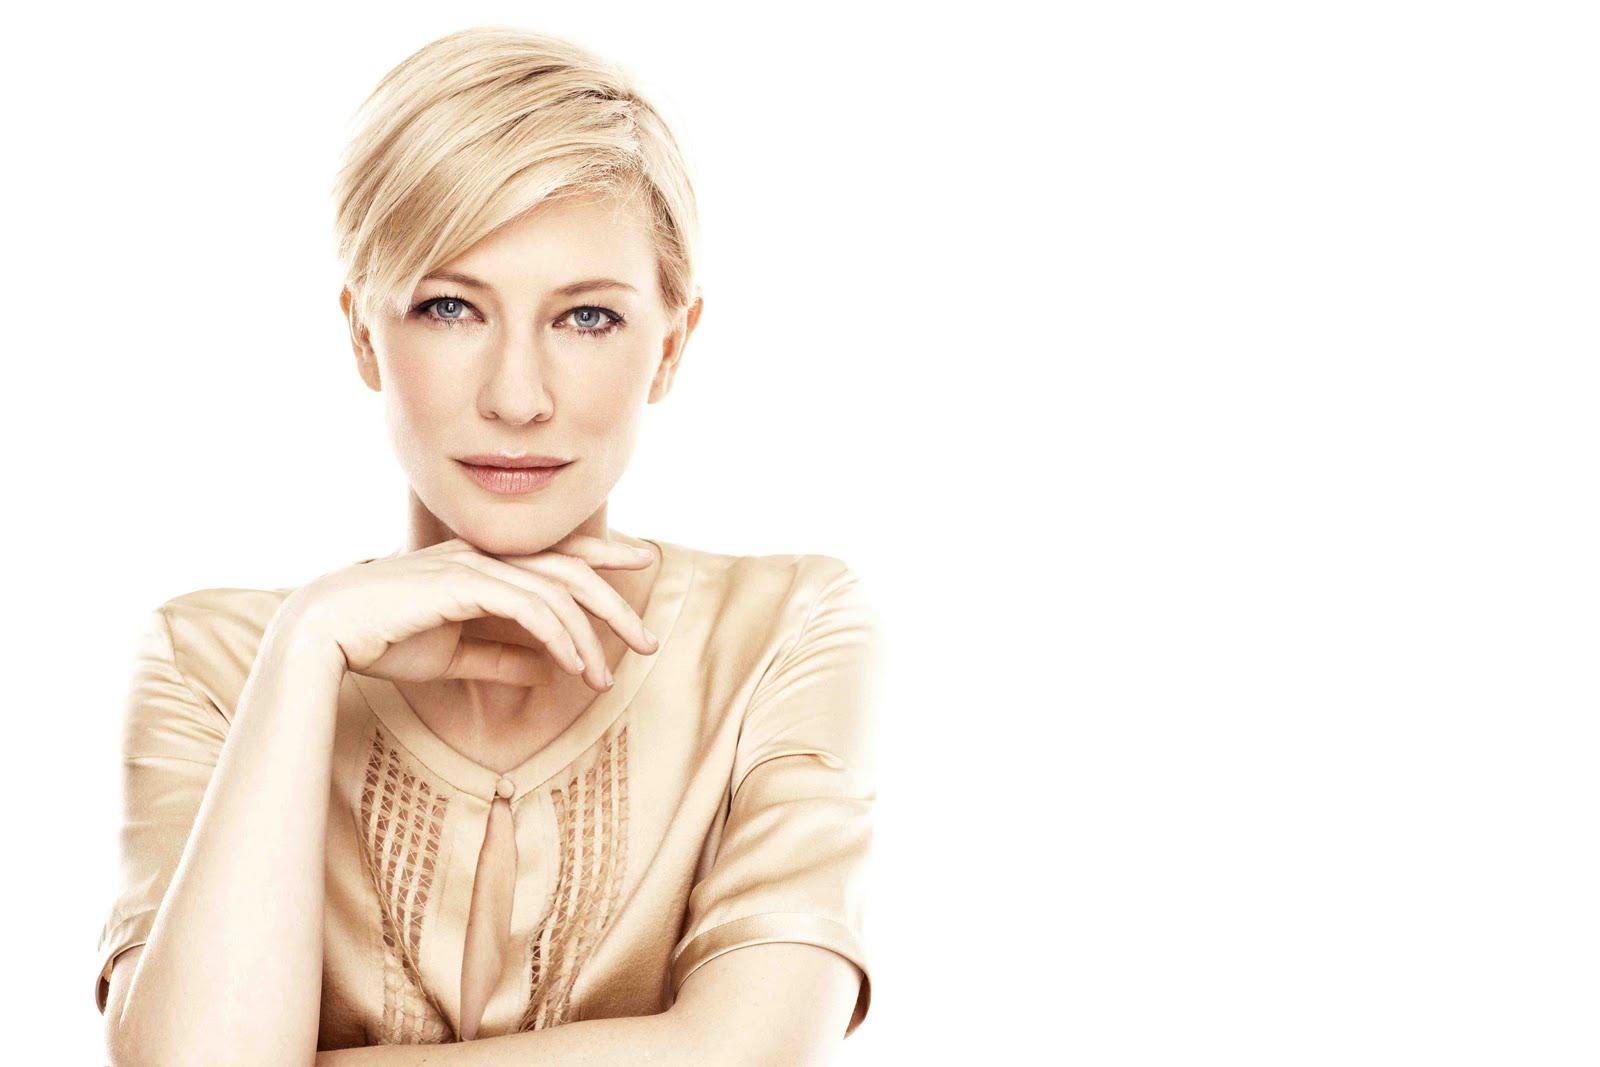 http://1.bp.blogspot.com/-SswqW0xCkuQ/TcvZvf0qSUI/AAAAAAAAB-Q/BGzN7-9ScLw/s1600/Cate+Blanchett.jpg